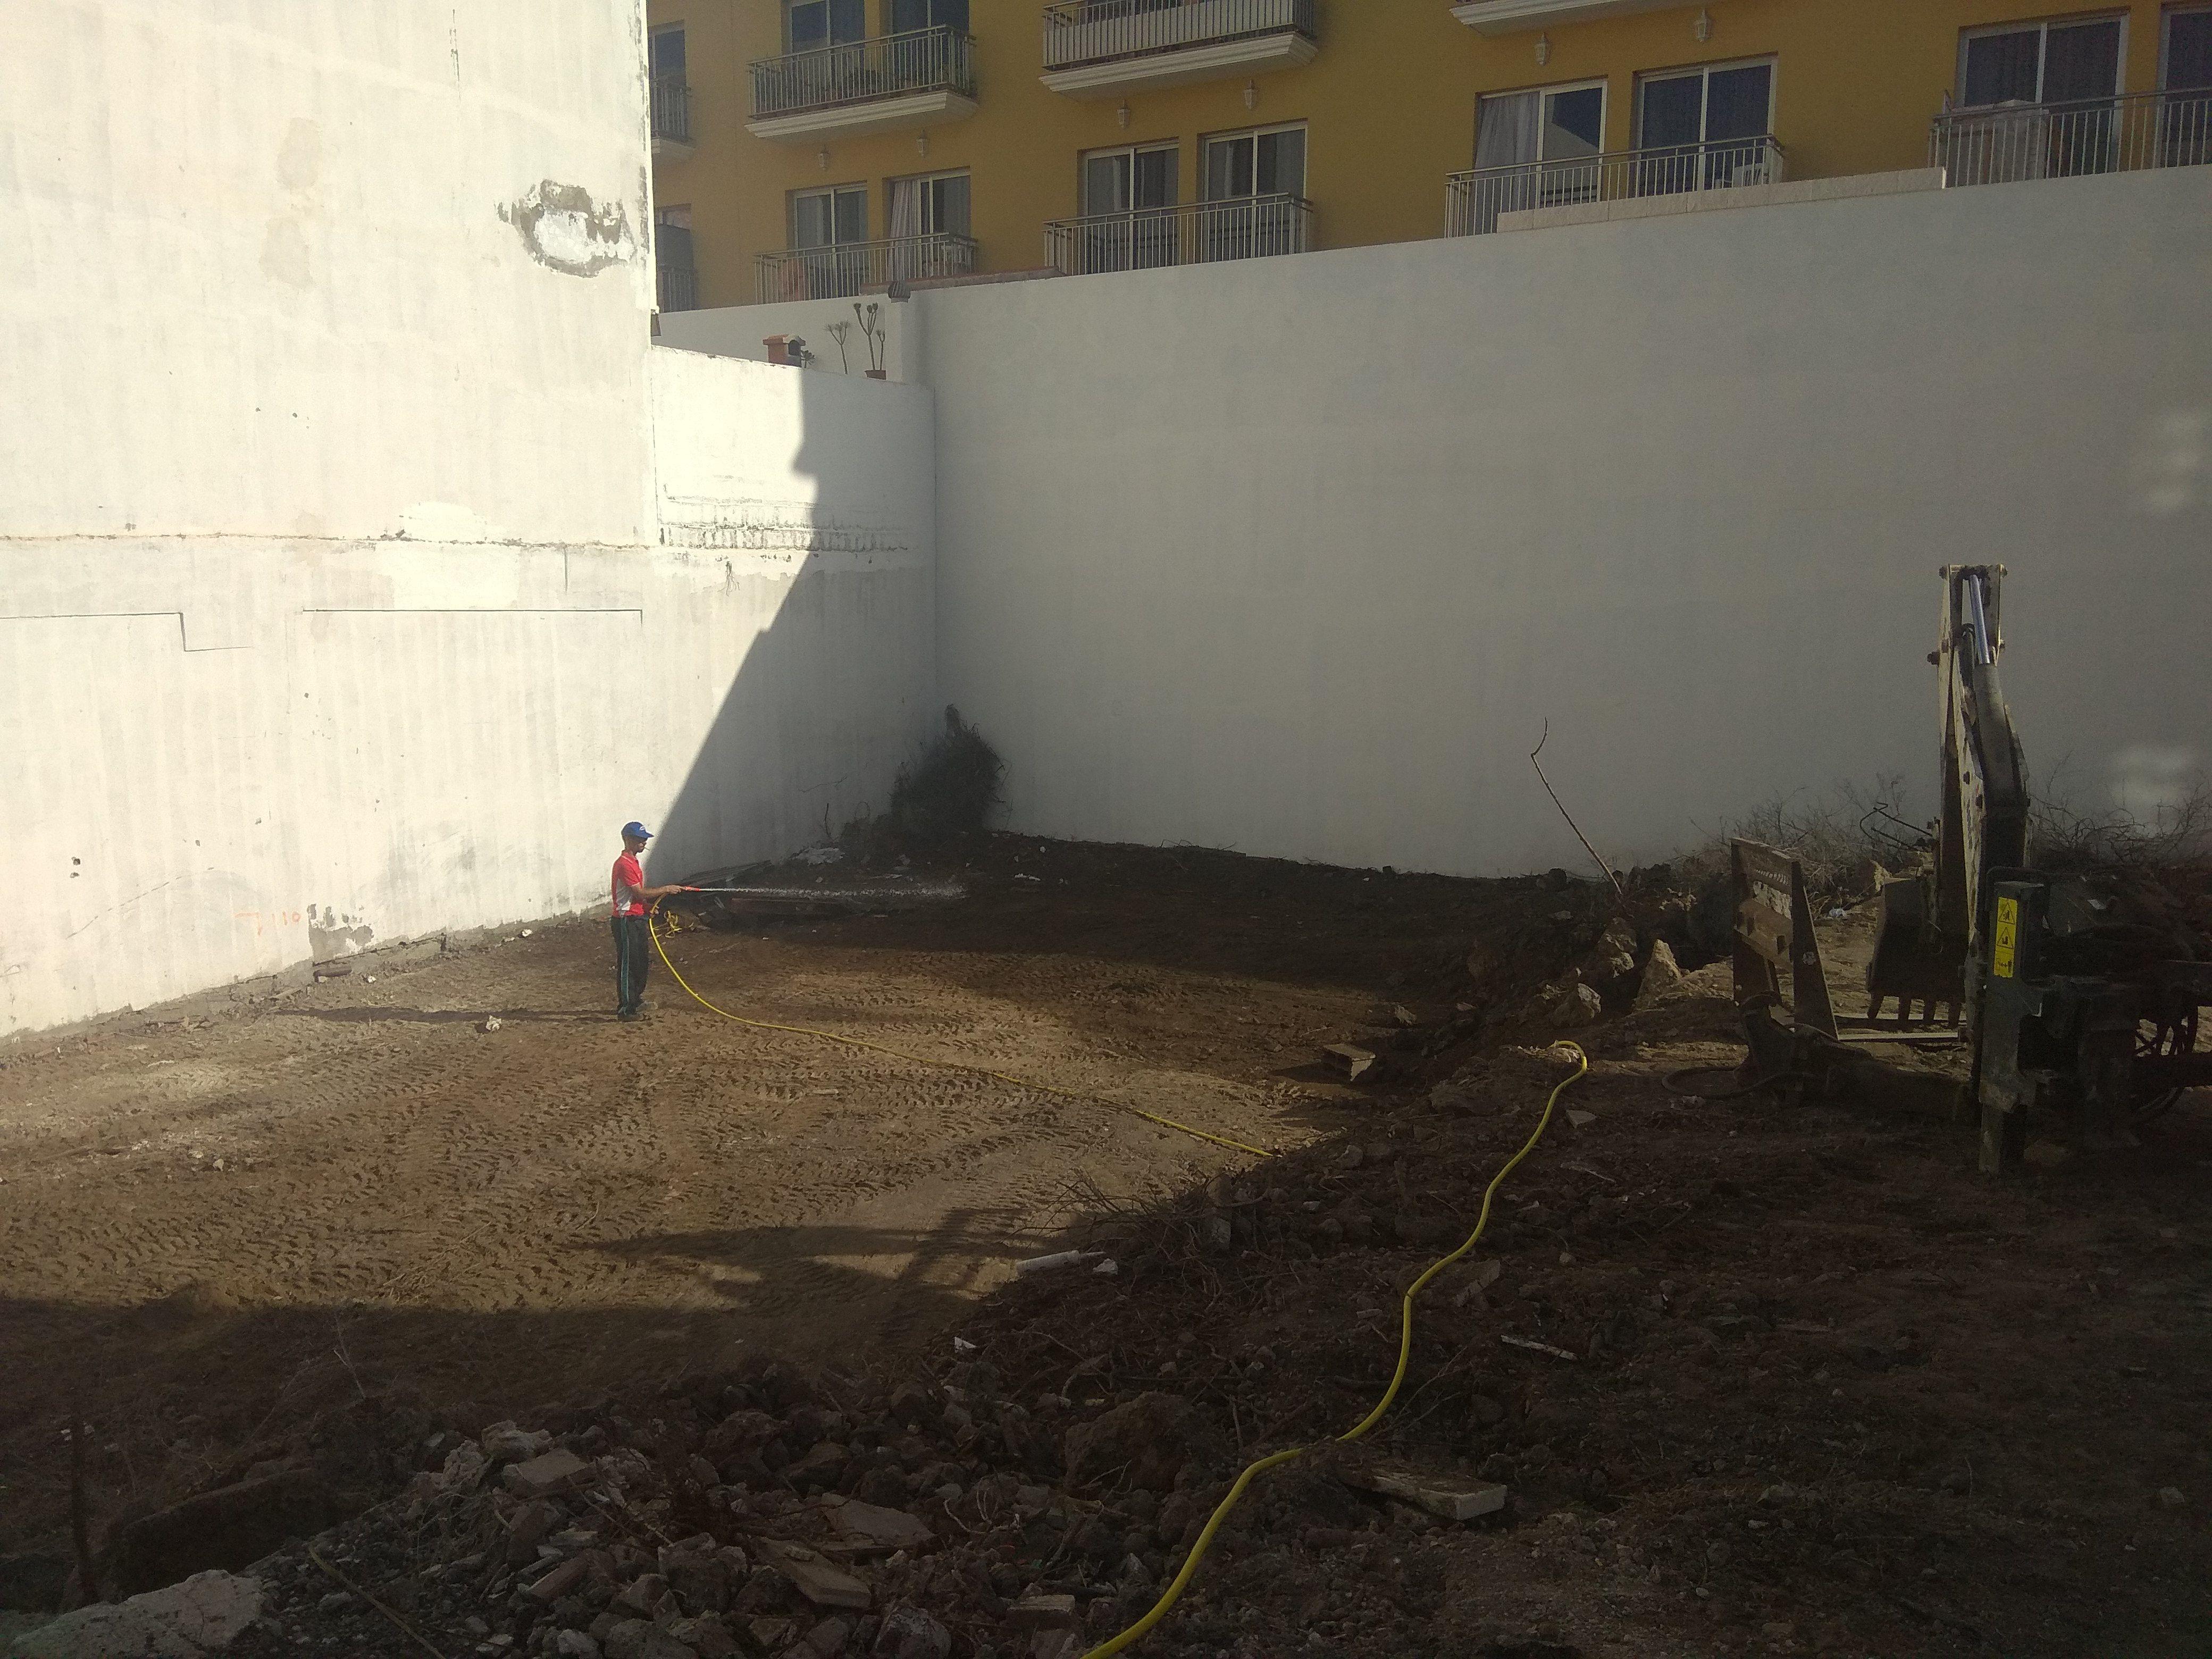 Realizamos proyectos de obra nueva